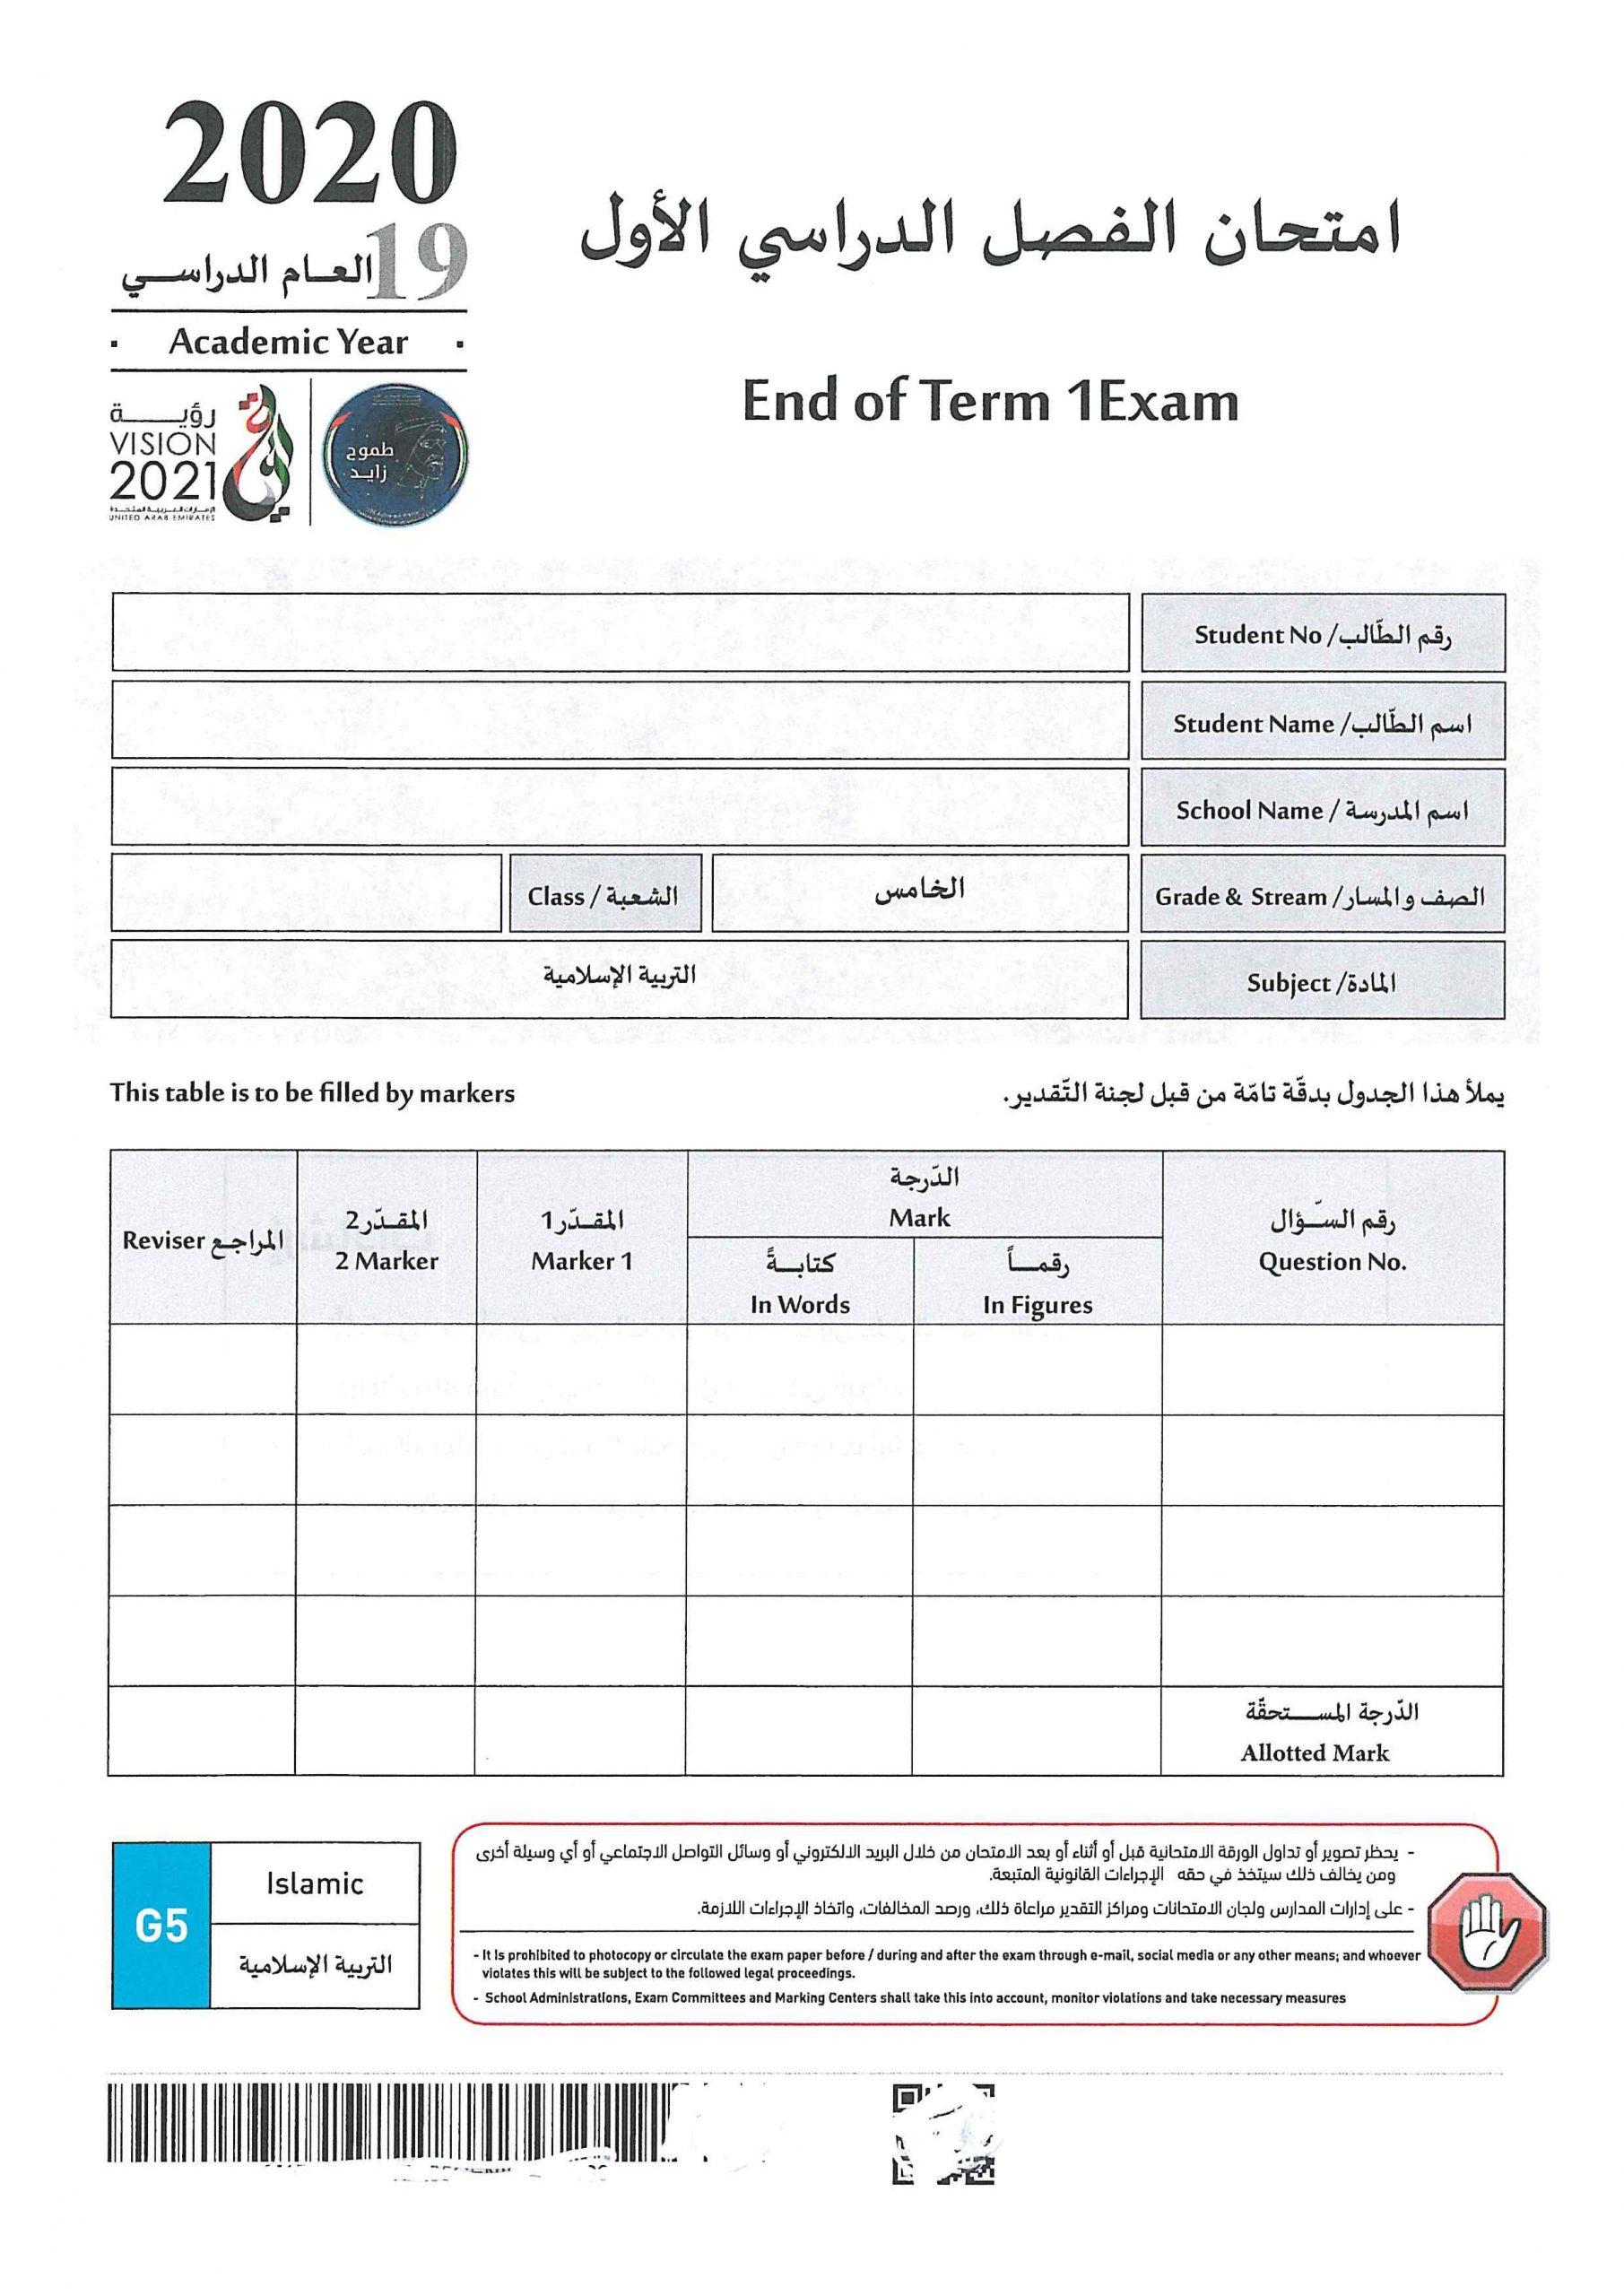 امتحان نهاية الفصل الدراسي الاول 2019-2020 الصف الخامس مادة التربية الاسلامية